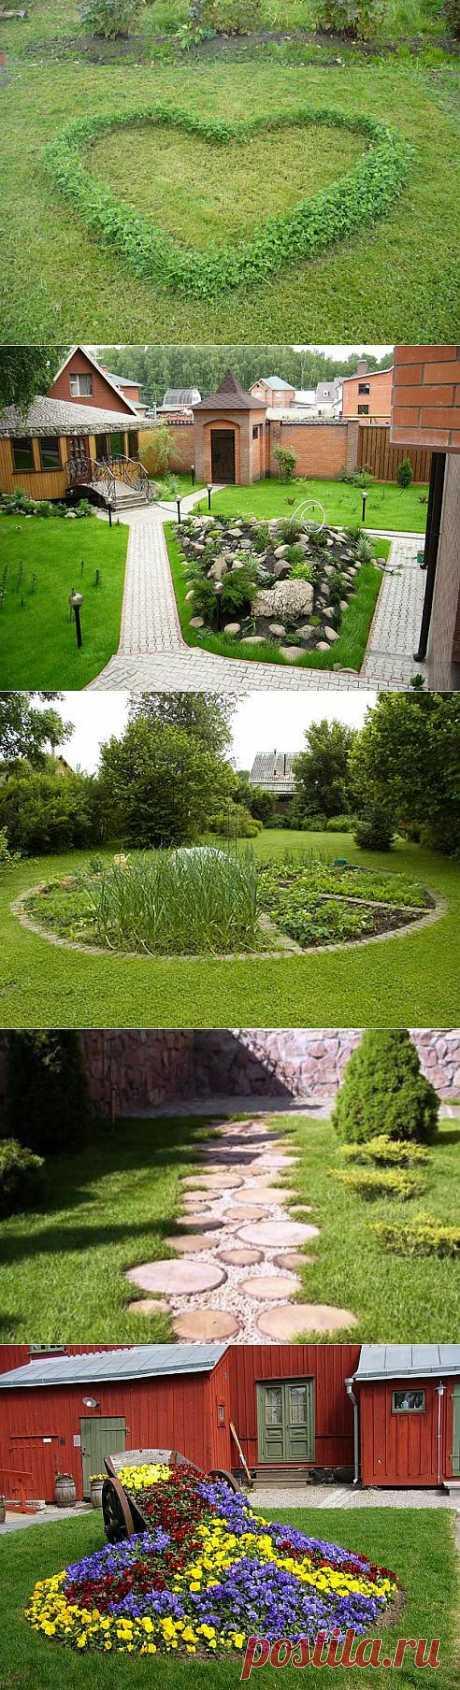 Дачный газон | Дача, дом